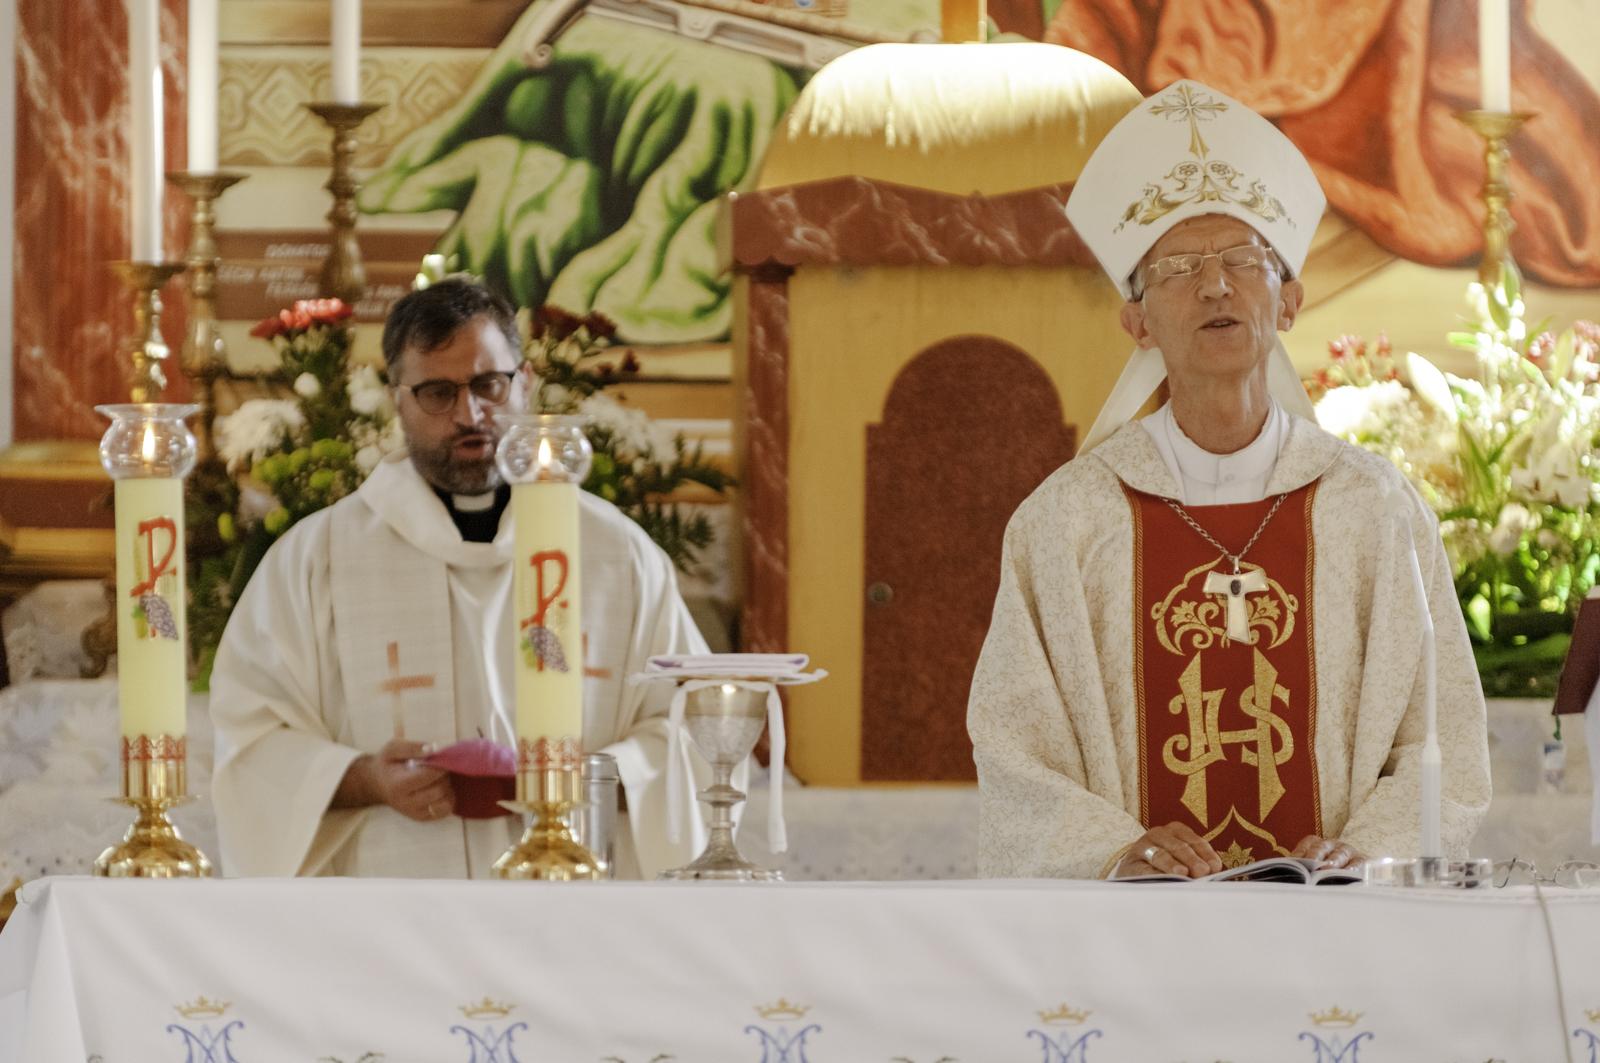 Balra Măriuţ Felix, a bákó magyar nyelvű szentmiséken szolgálatot teljesítő forrófalvi tiszteletes